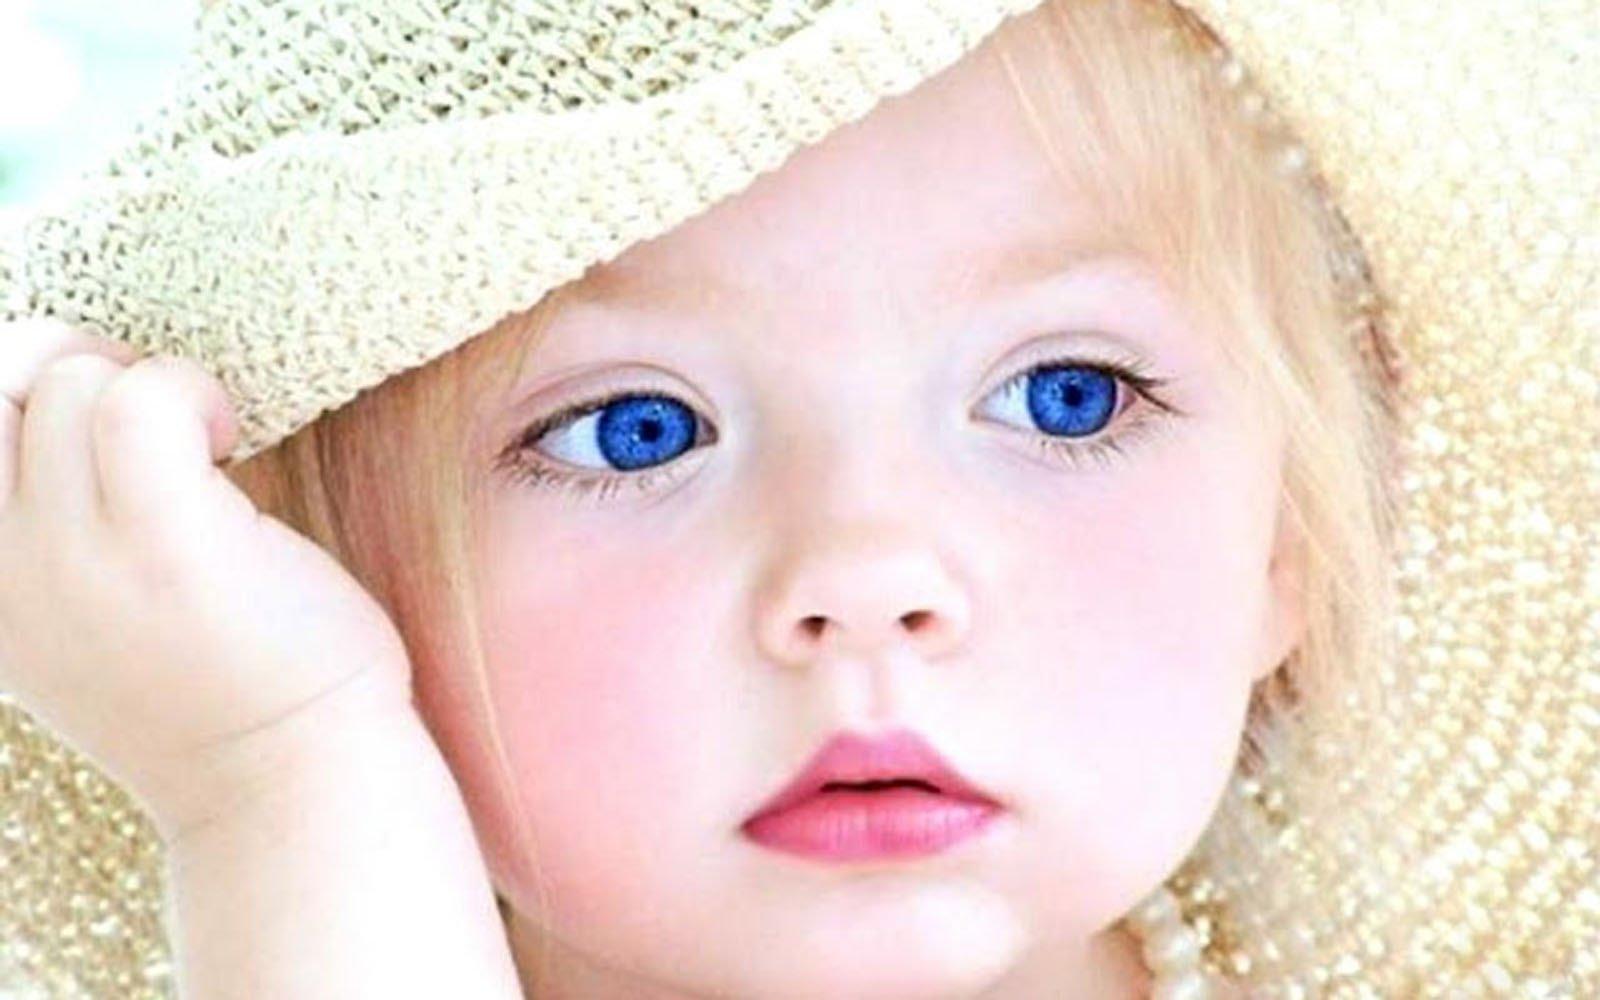 بالصور اجمل صور اطفال بنات , الطف صور اطفال بنات 5297 1